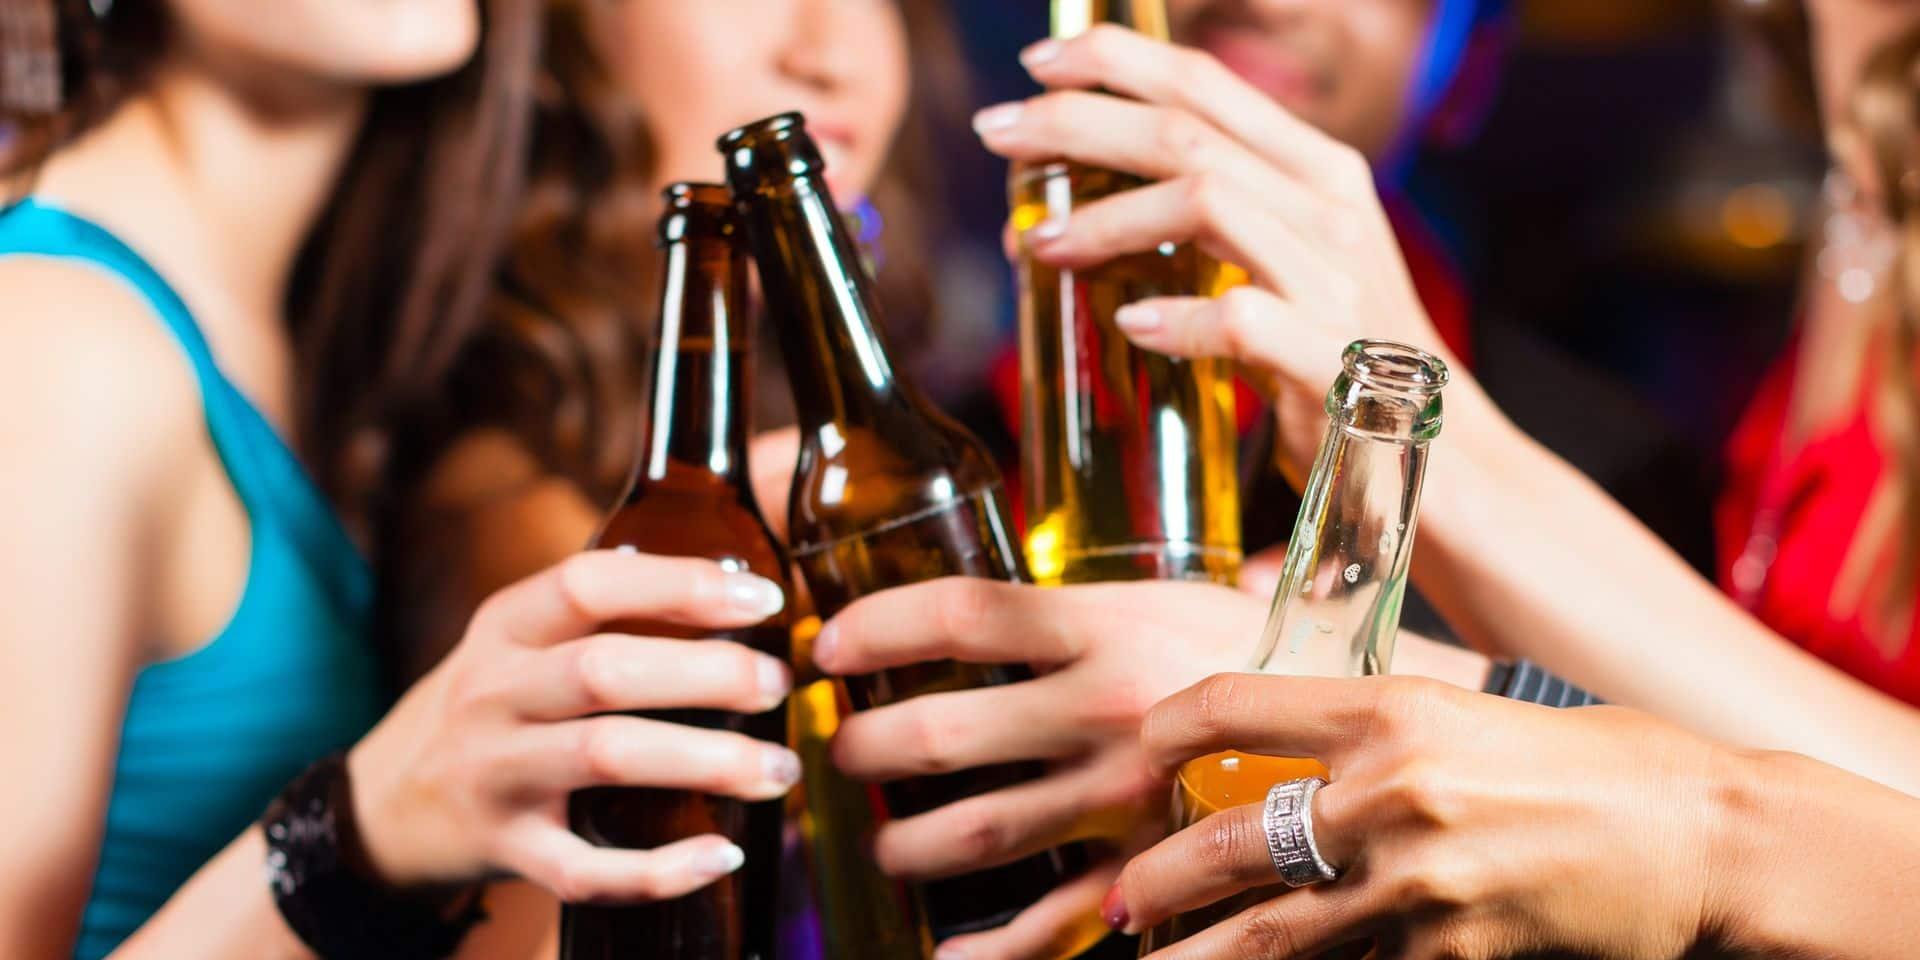 """Chaque jour, six jeunes finissent à l'hôpital pour abus d'alcool : """"Des conséquences irréversibles sur leur cerveau"""""""